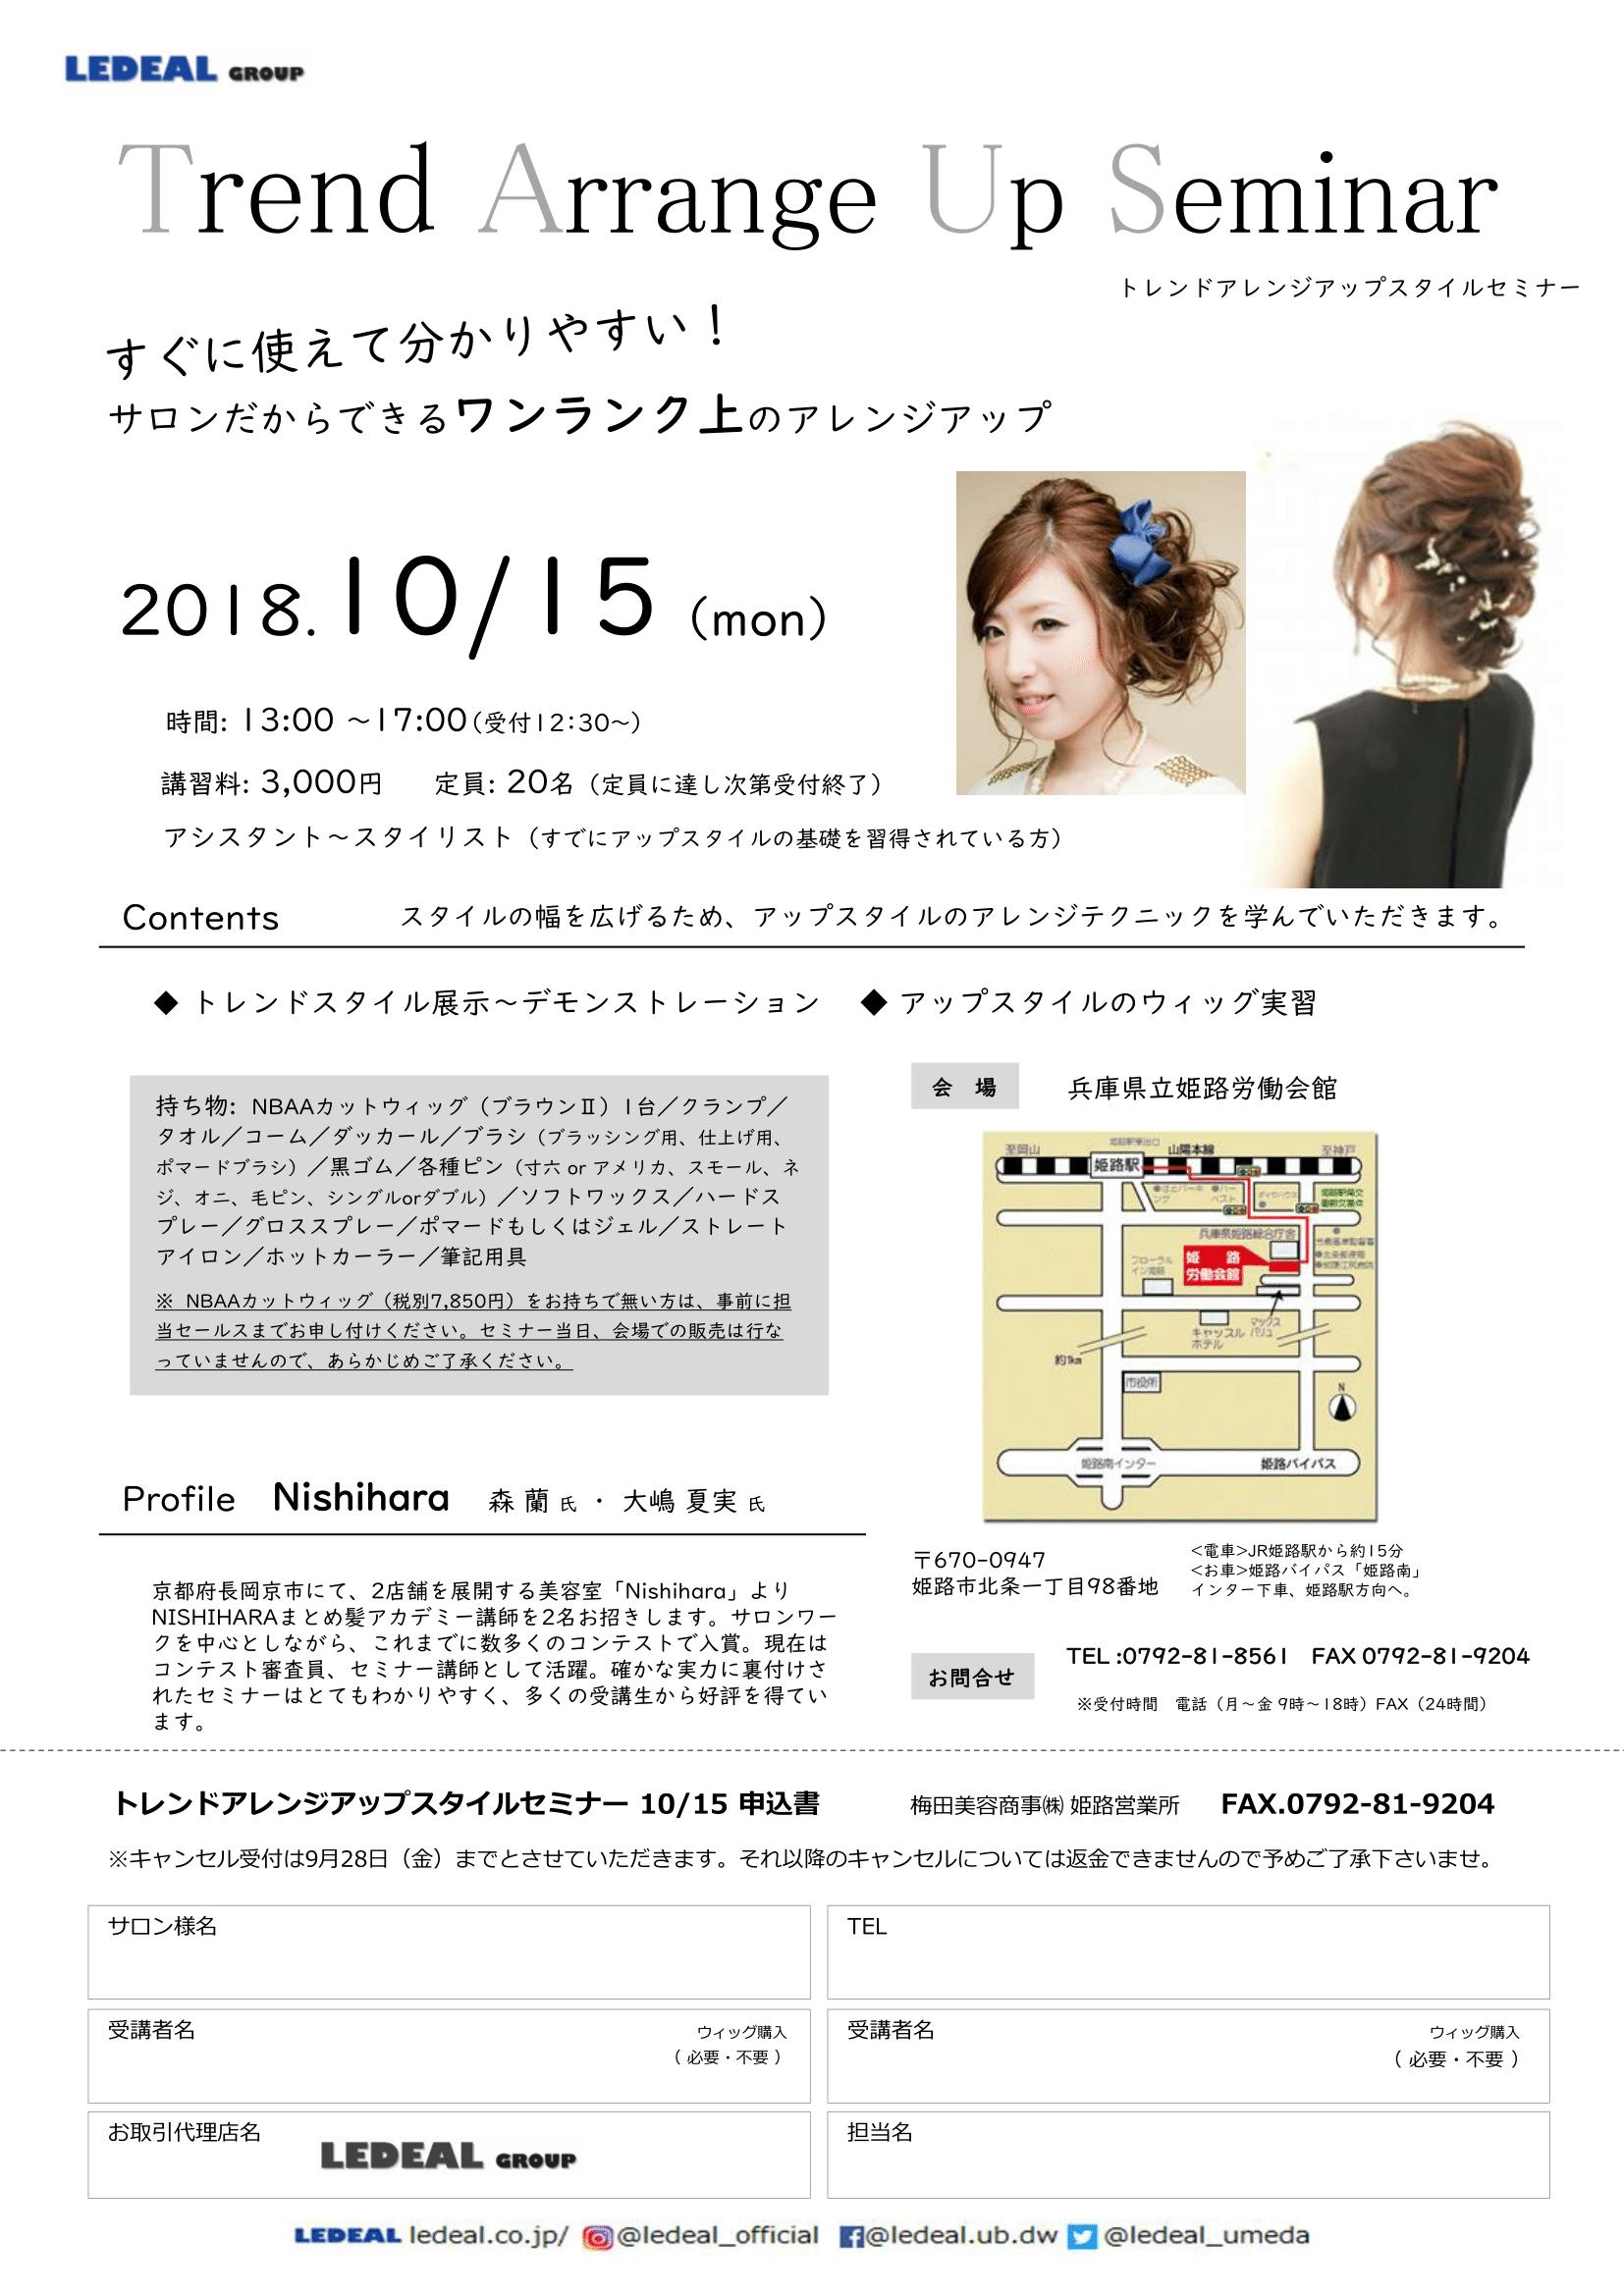 【姫路】トレンドアップスタイルアレンジセミナー